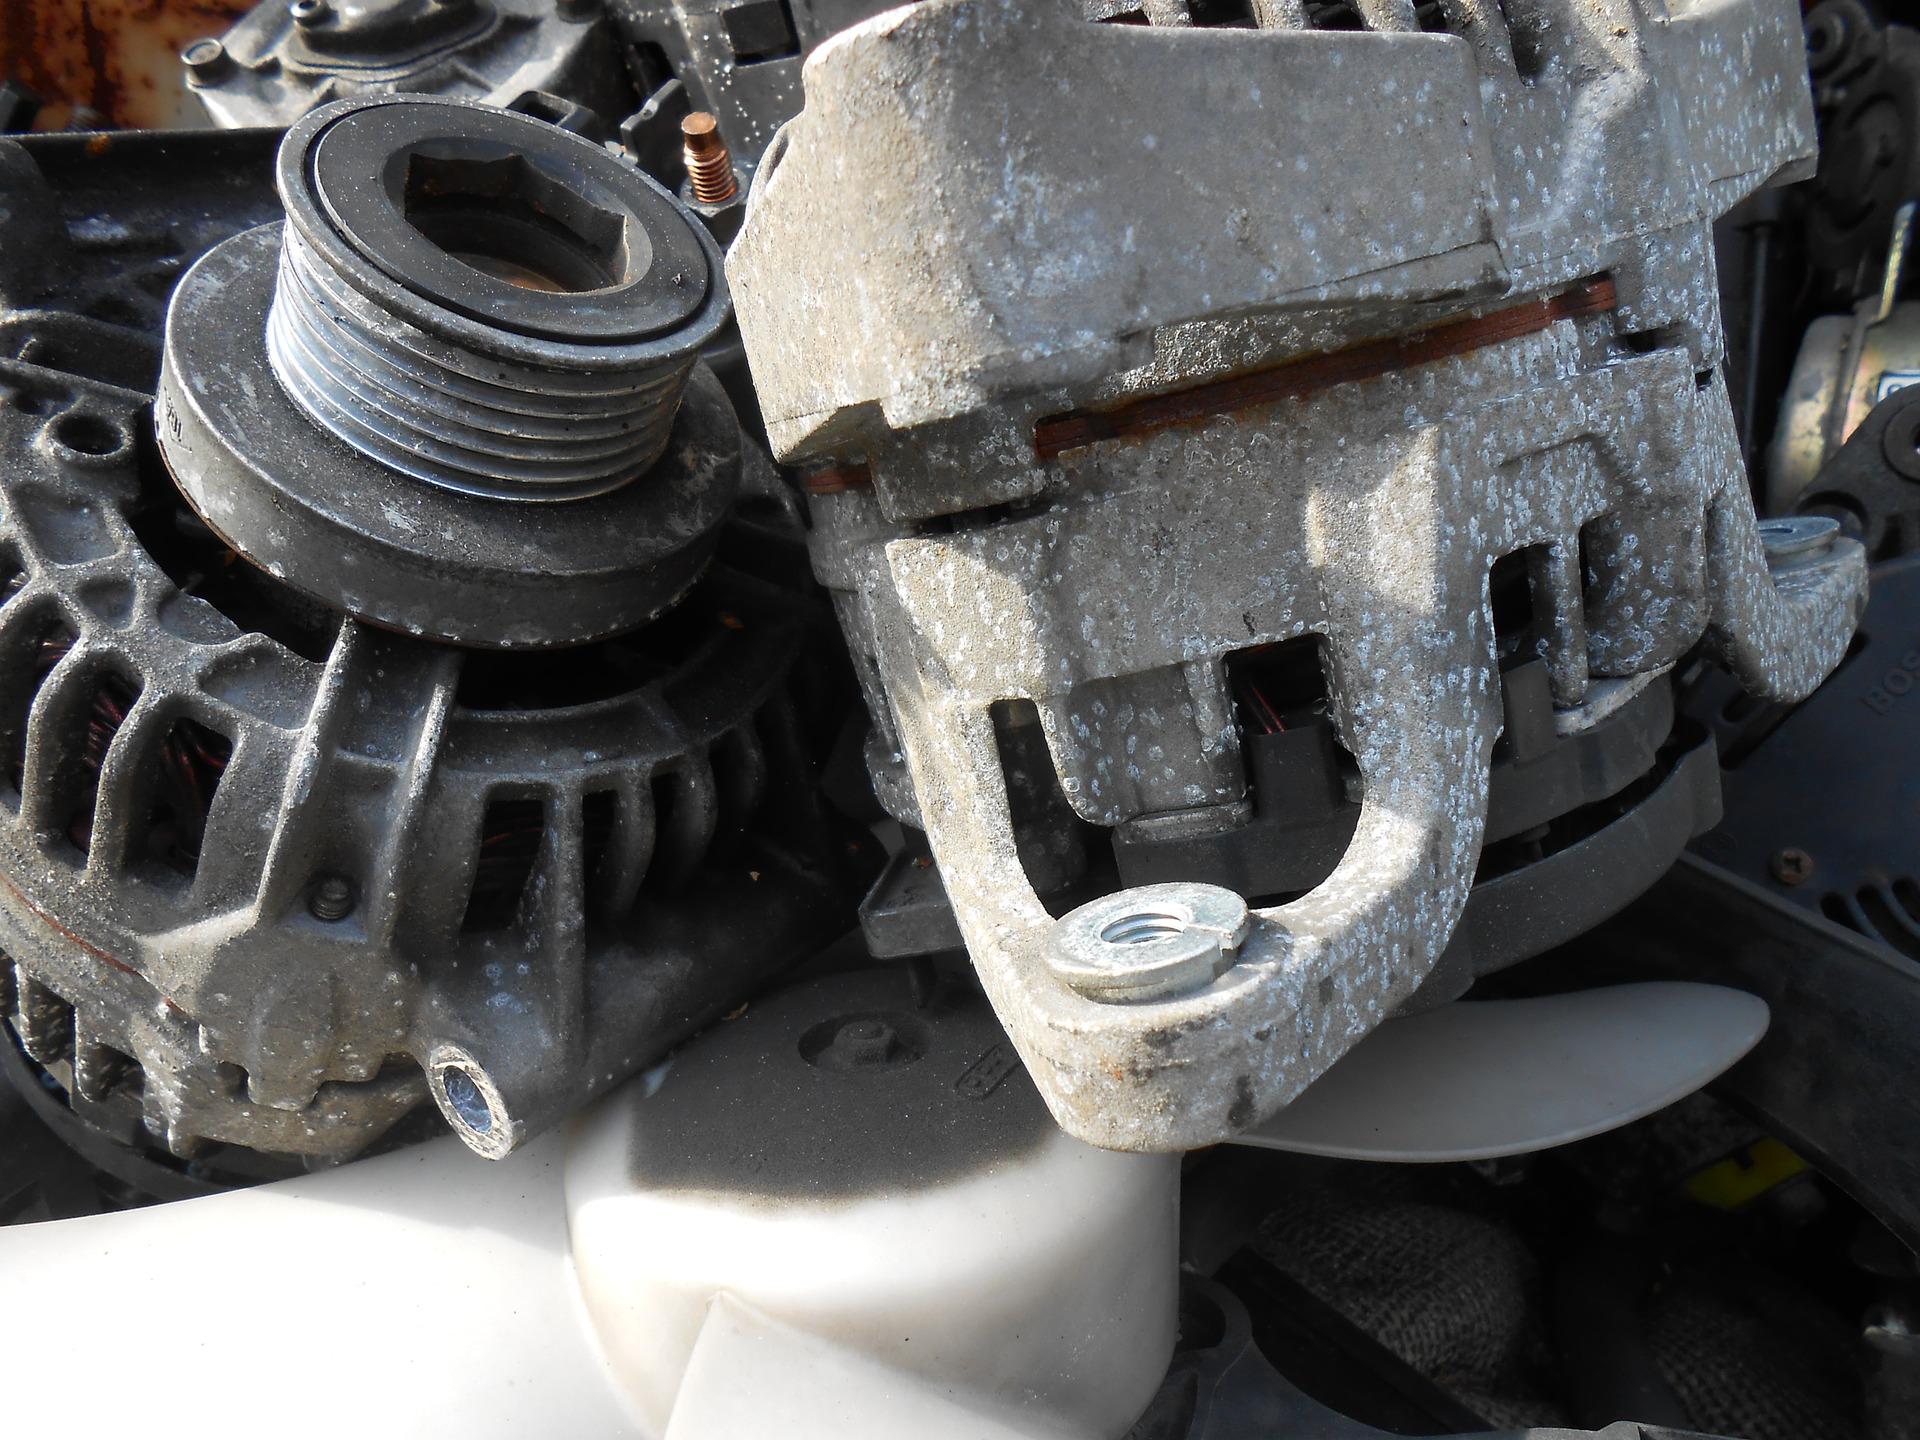 Lån penge til en ny generator og få bilen fikset i en fart